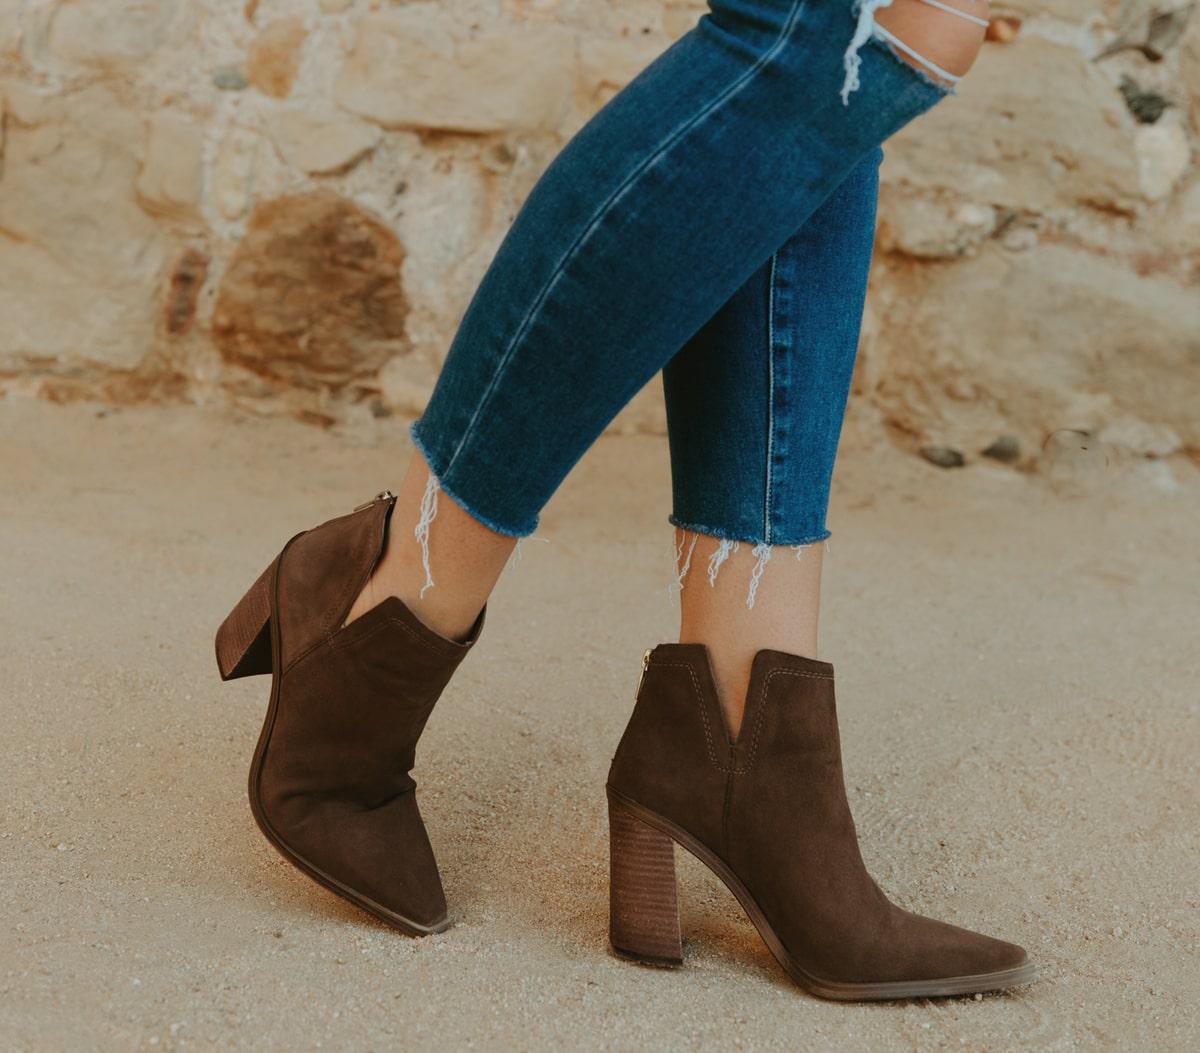 nordstrom shoe sale booties